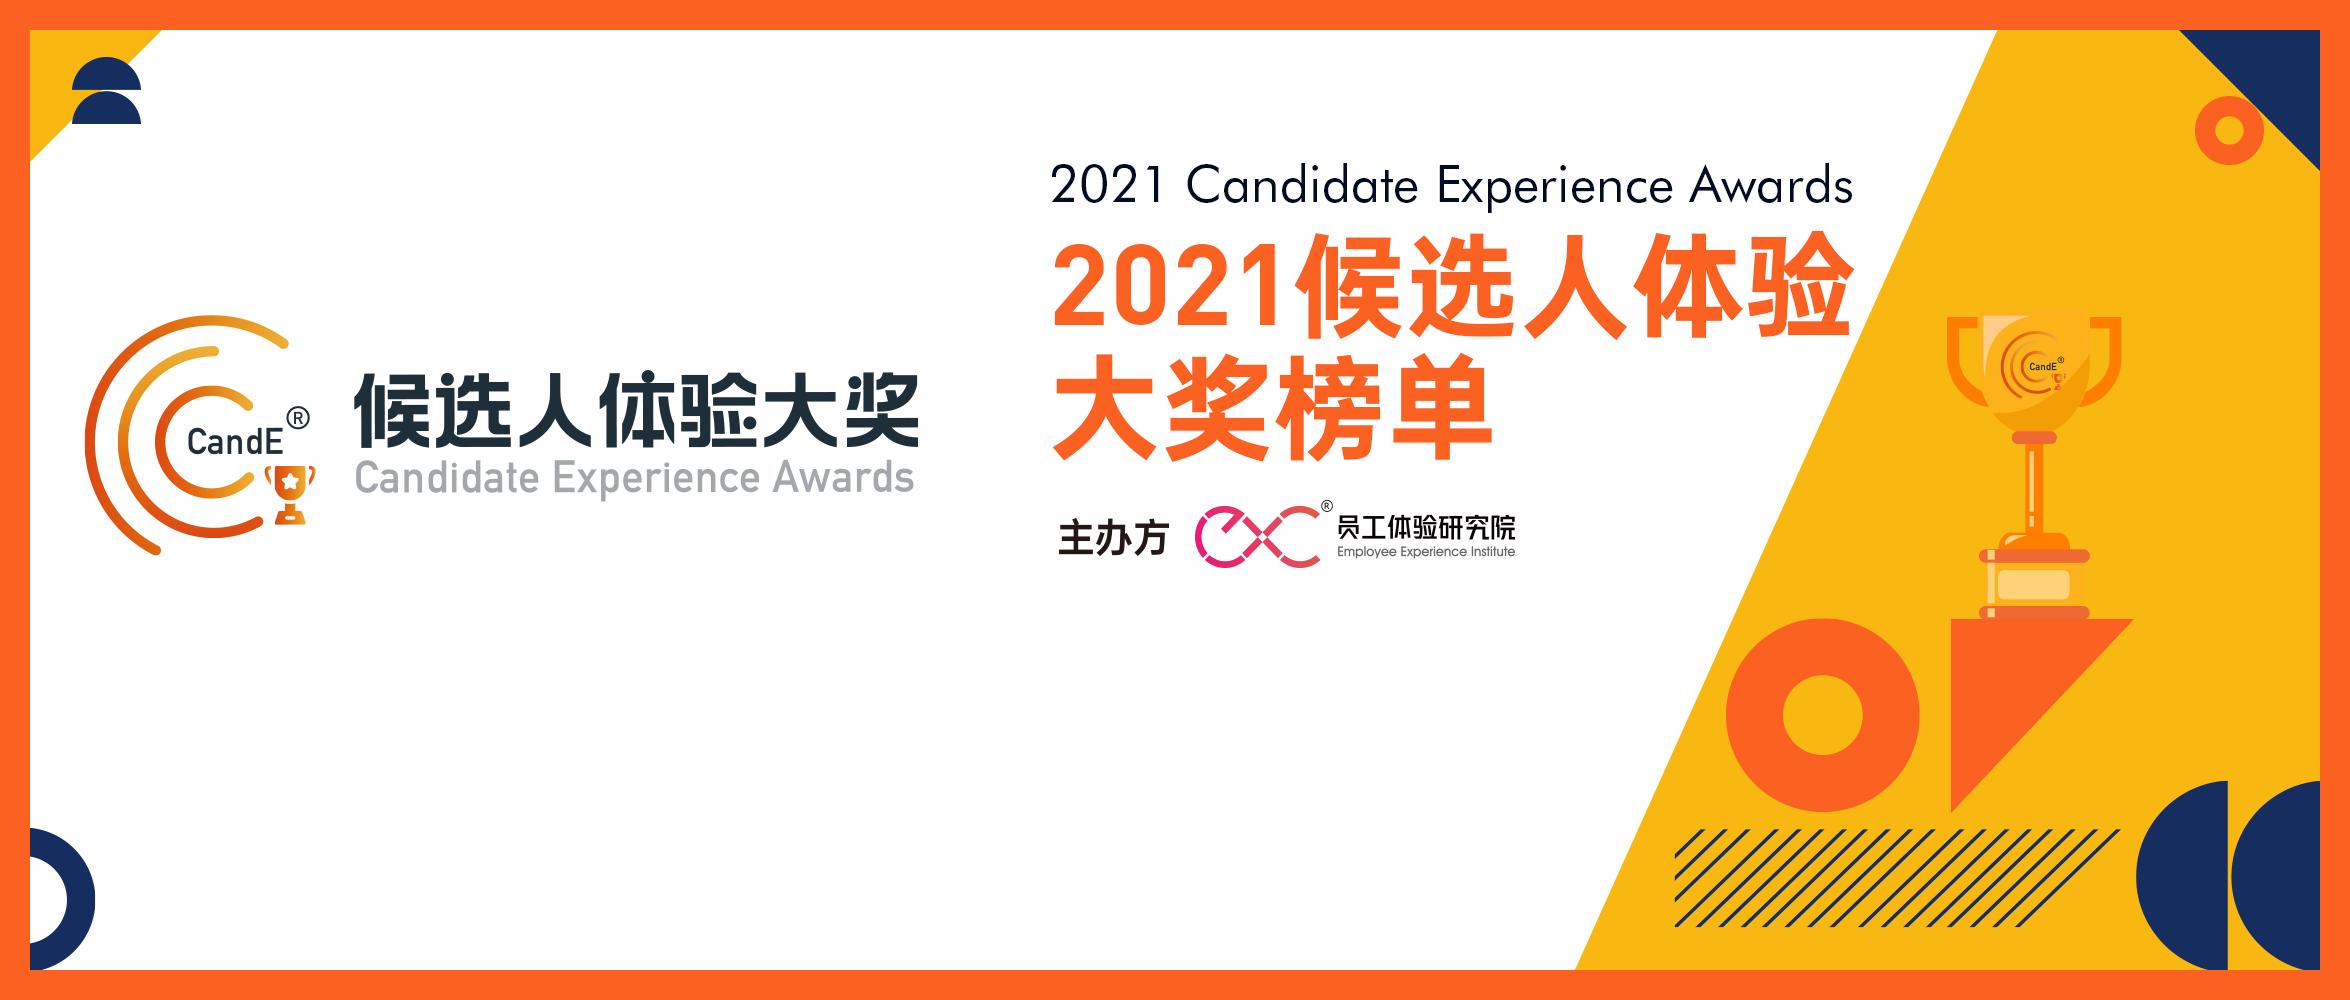 【祝贺】2021候选人体验大奖隆重揭晓